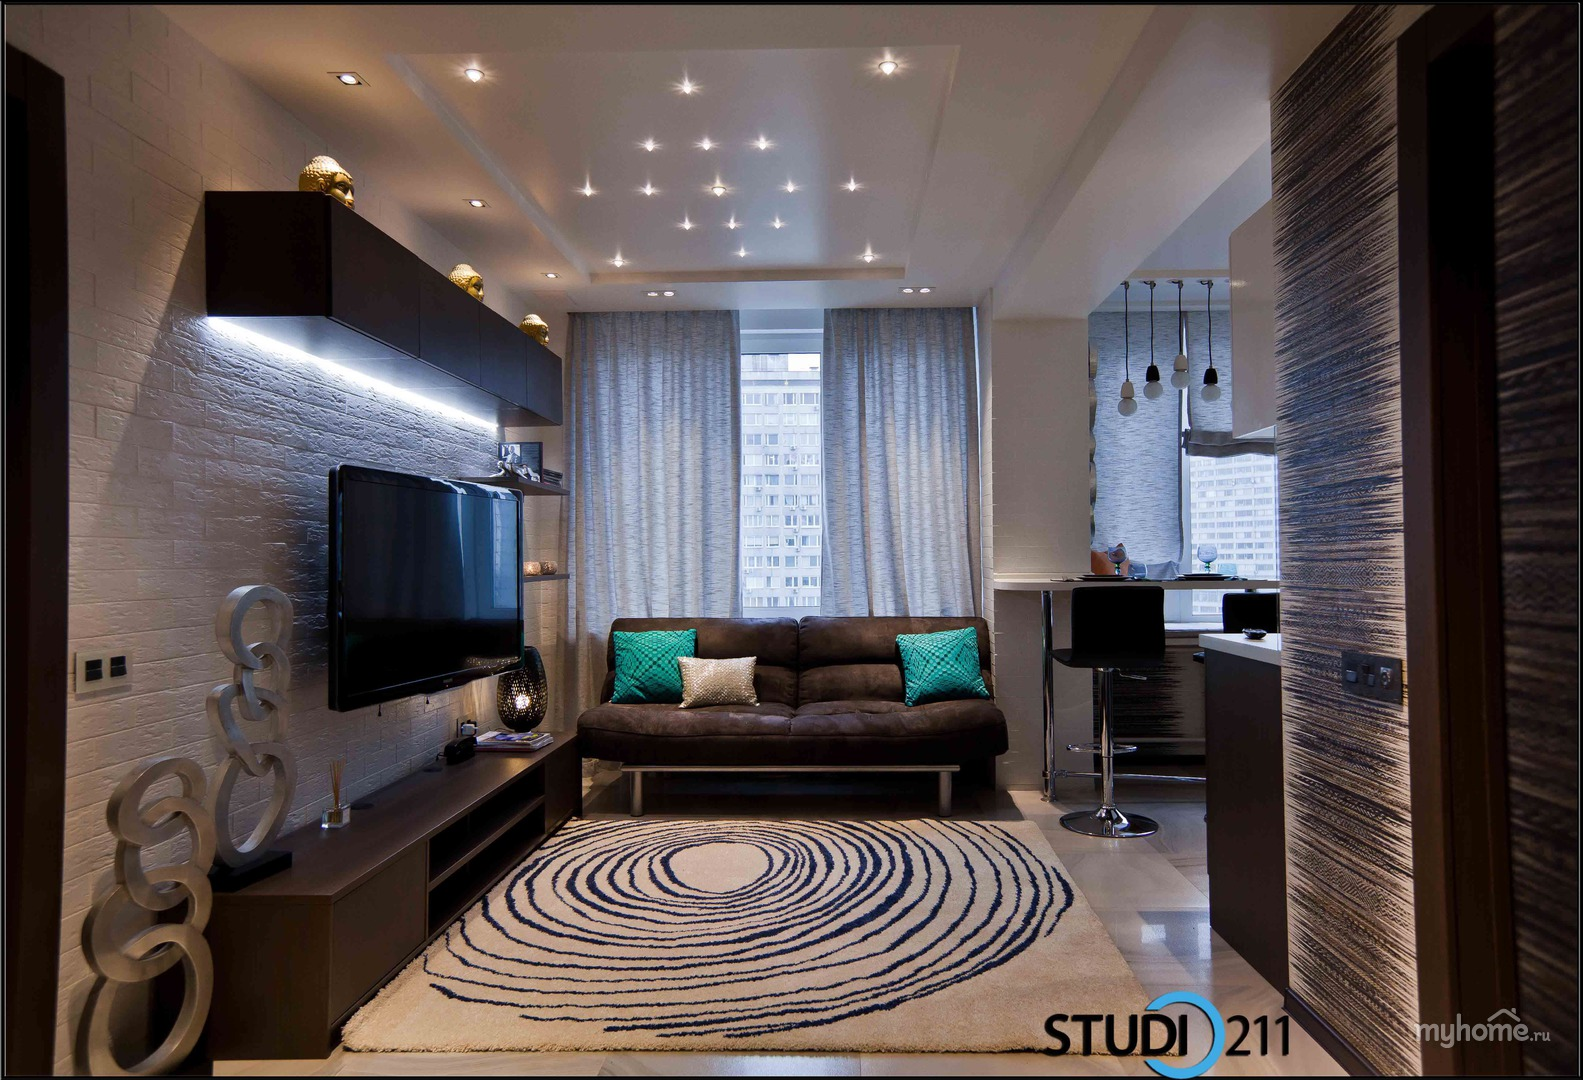 Фото дизайна комнаты 16 кв.м с двумя окнами